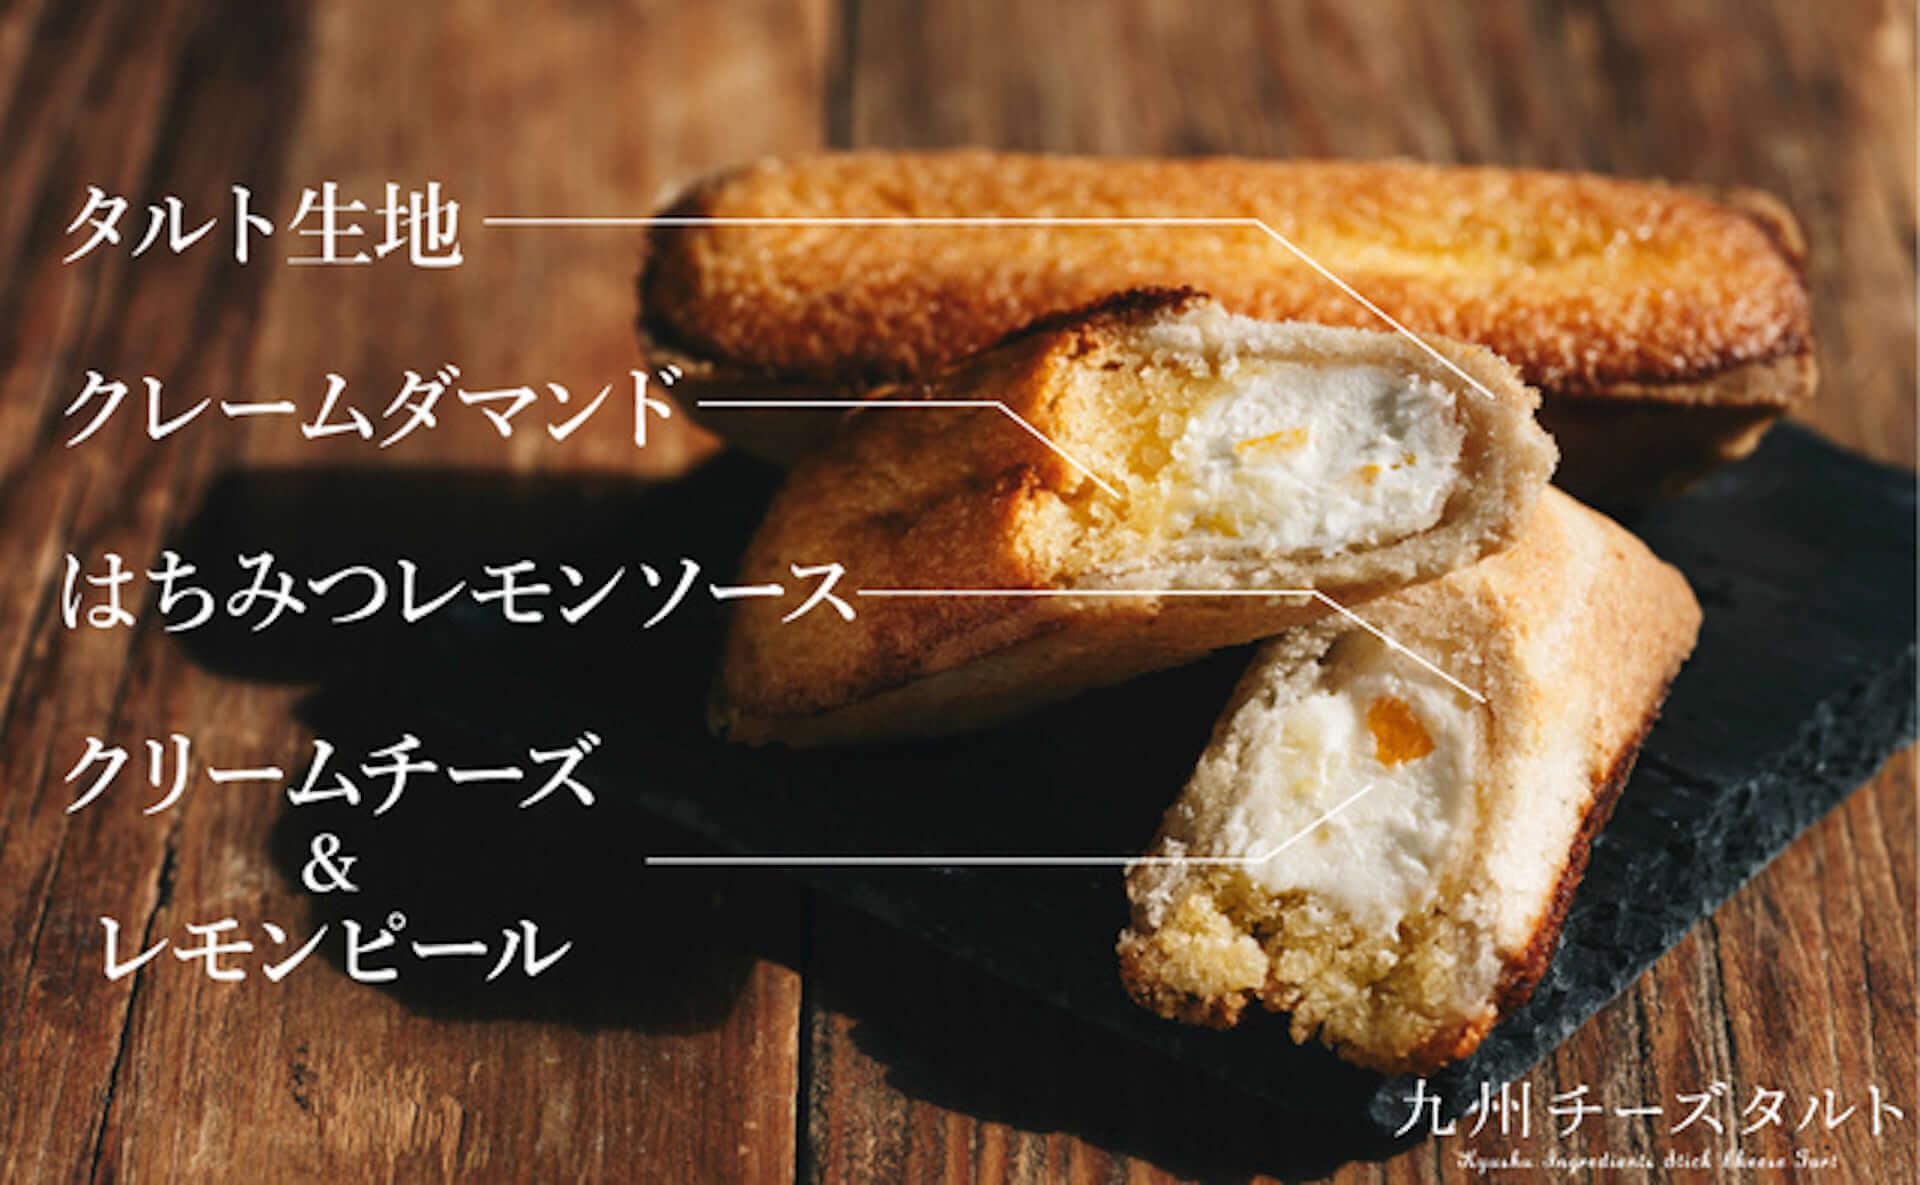 リスボンレモンを使用した新感覚スイーツ『九州チーズタルト』がMakuakeにて目標金額1000%を達成!先行販売も実施中 gourmet210219_kyushu-cheesetarte_3-1920x1185